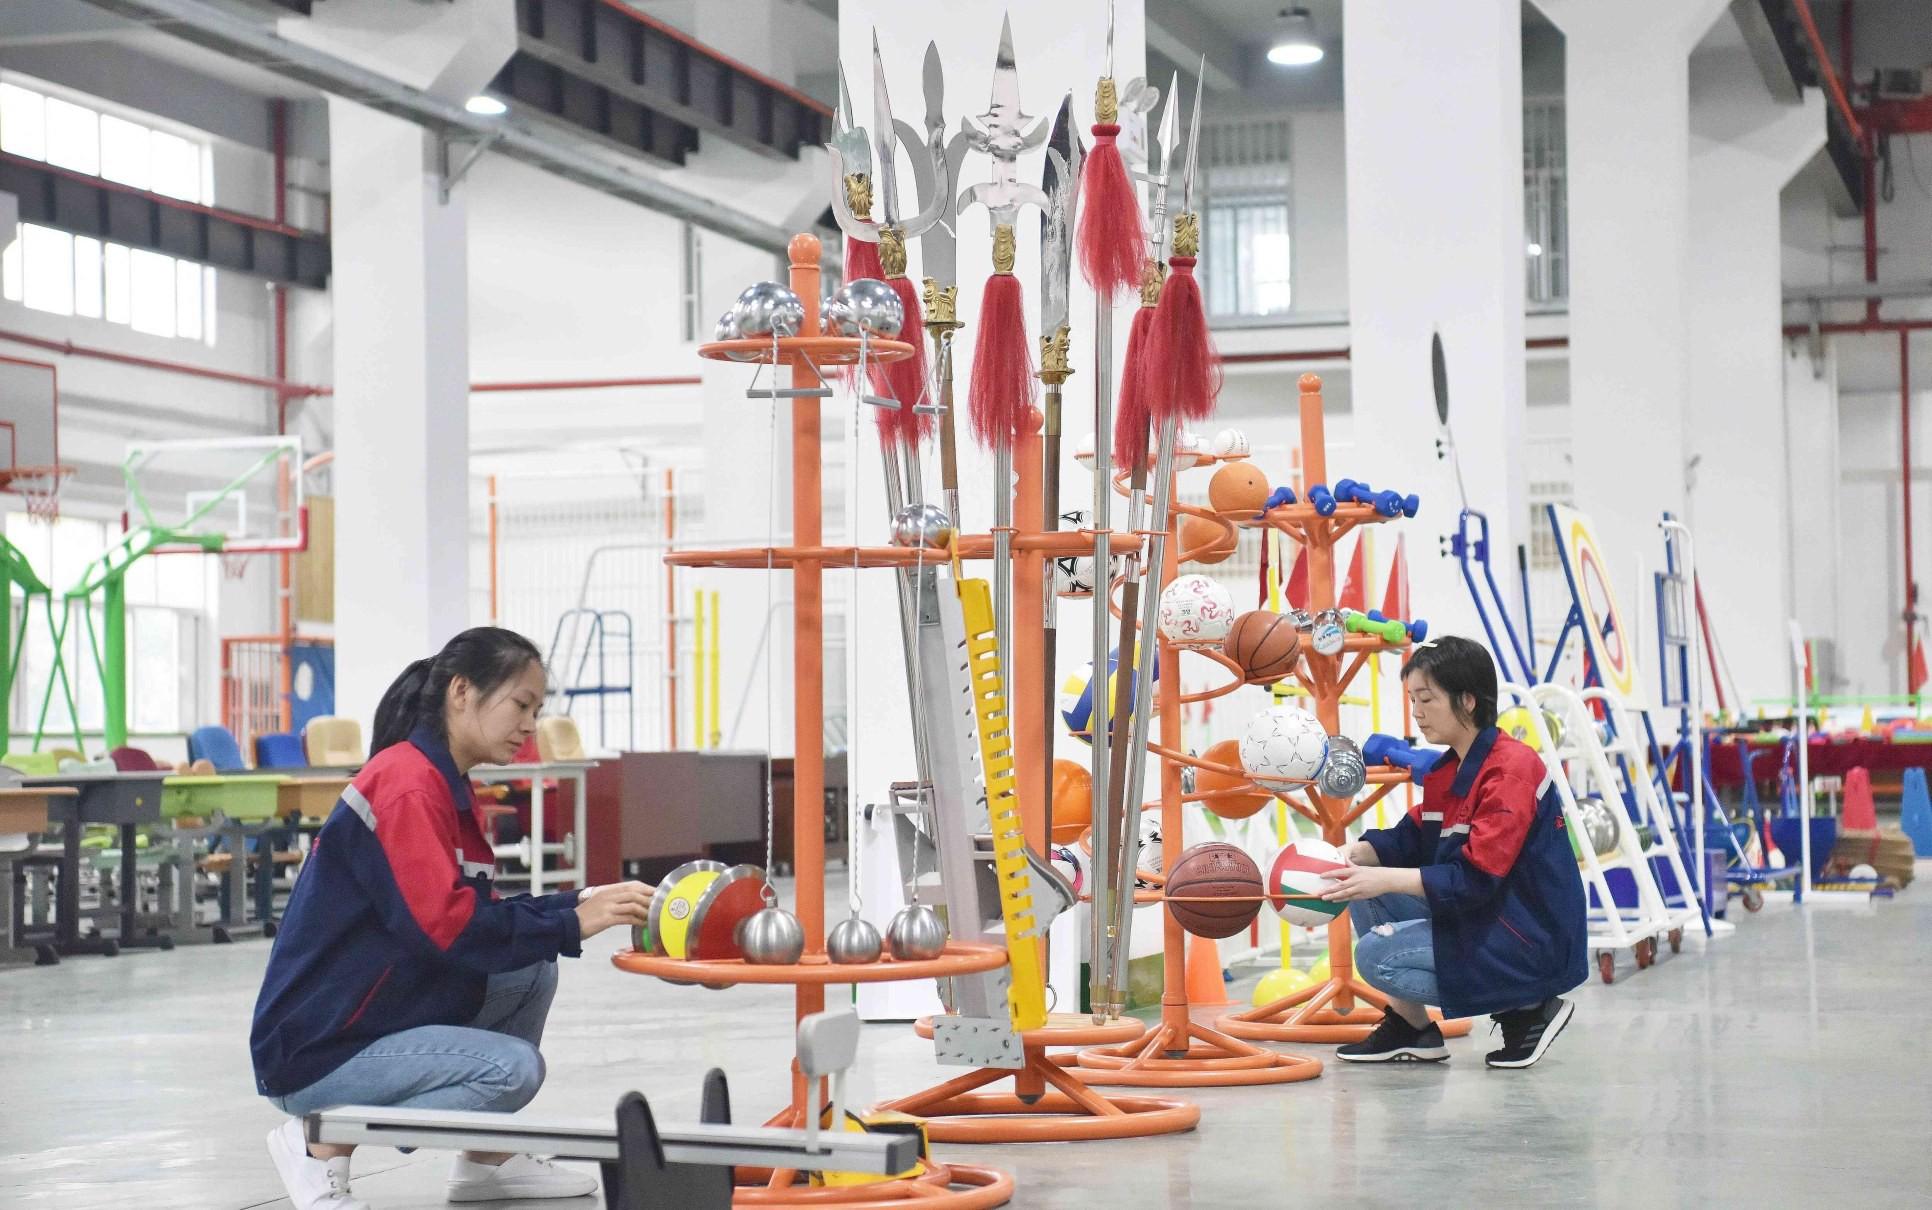 河北金特力斯体育设施有限公司员工正在展示室整理体育产品